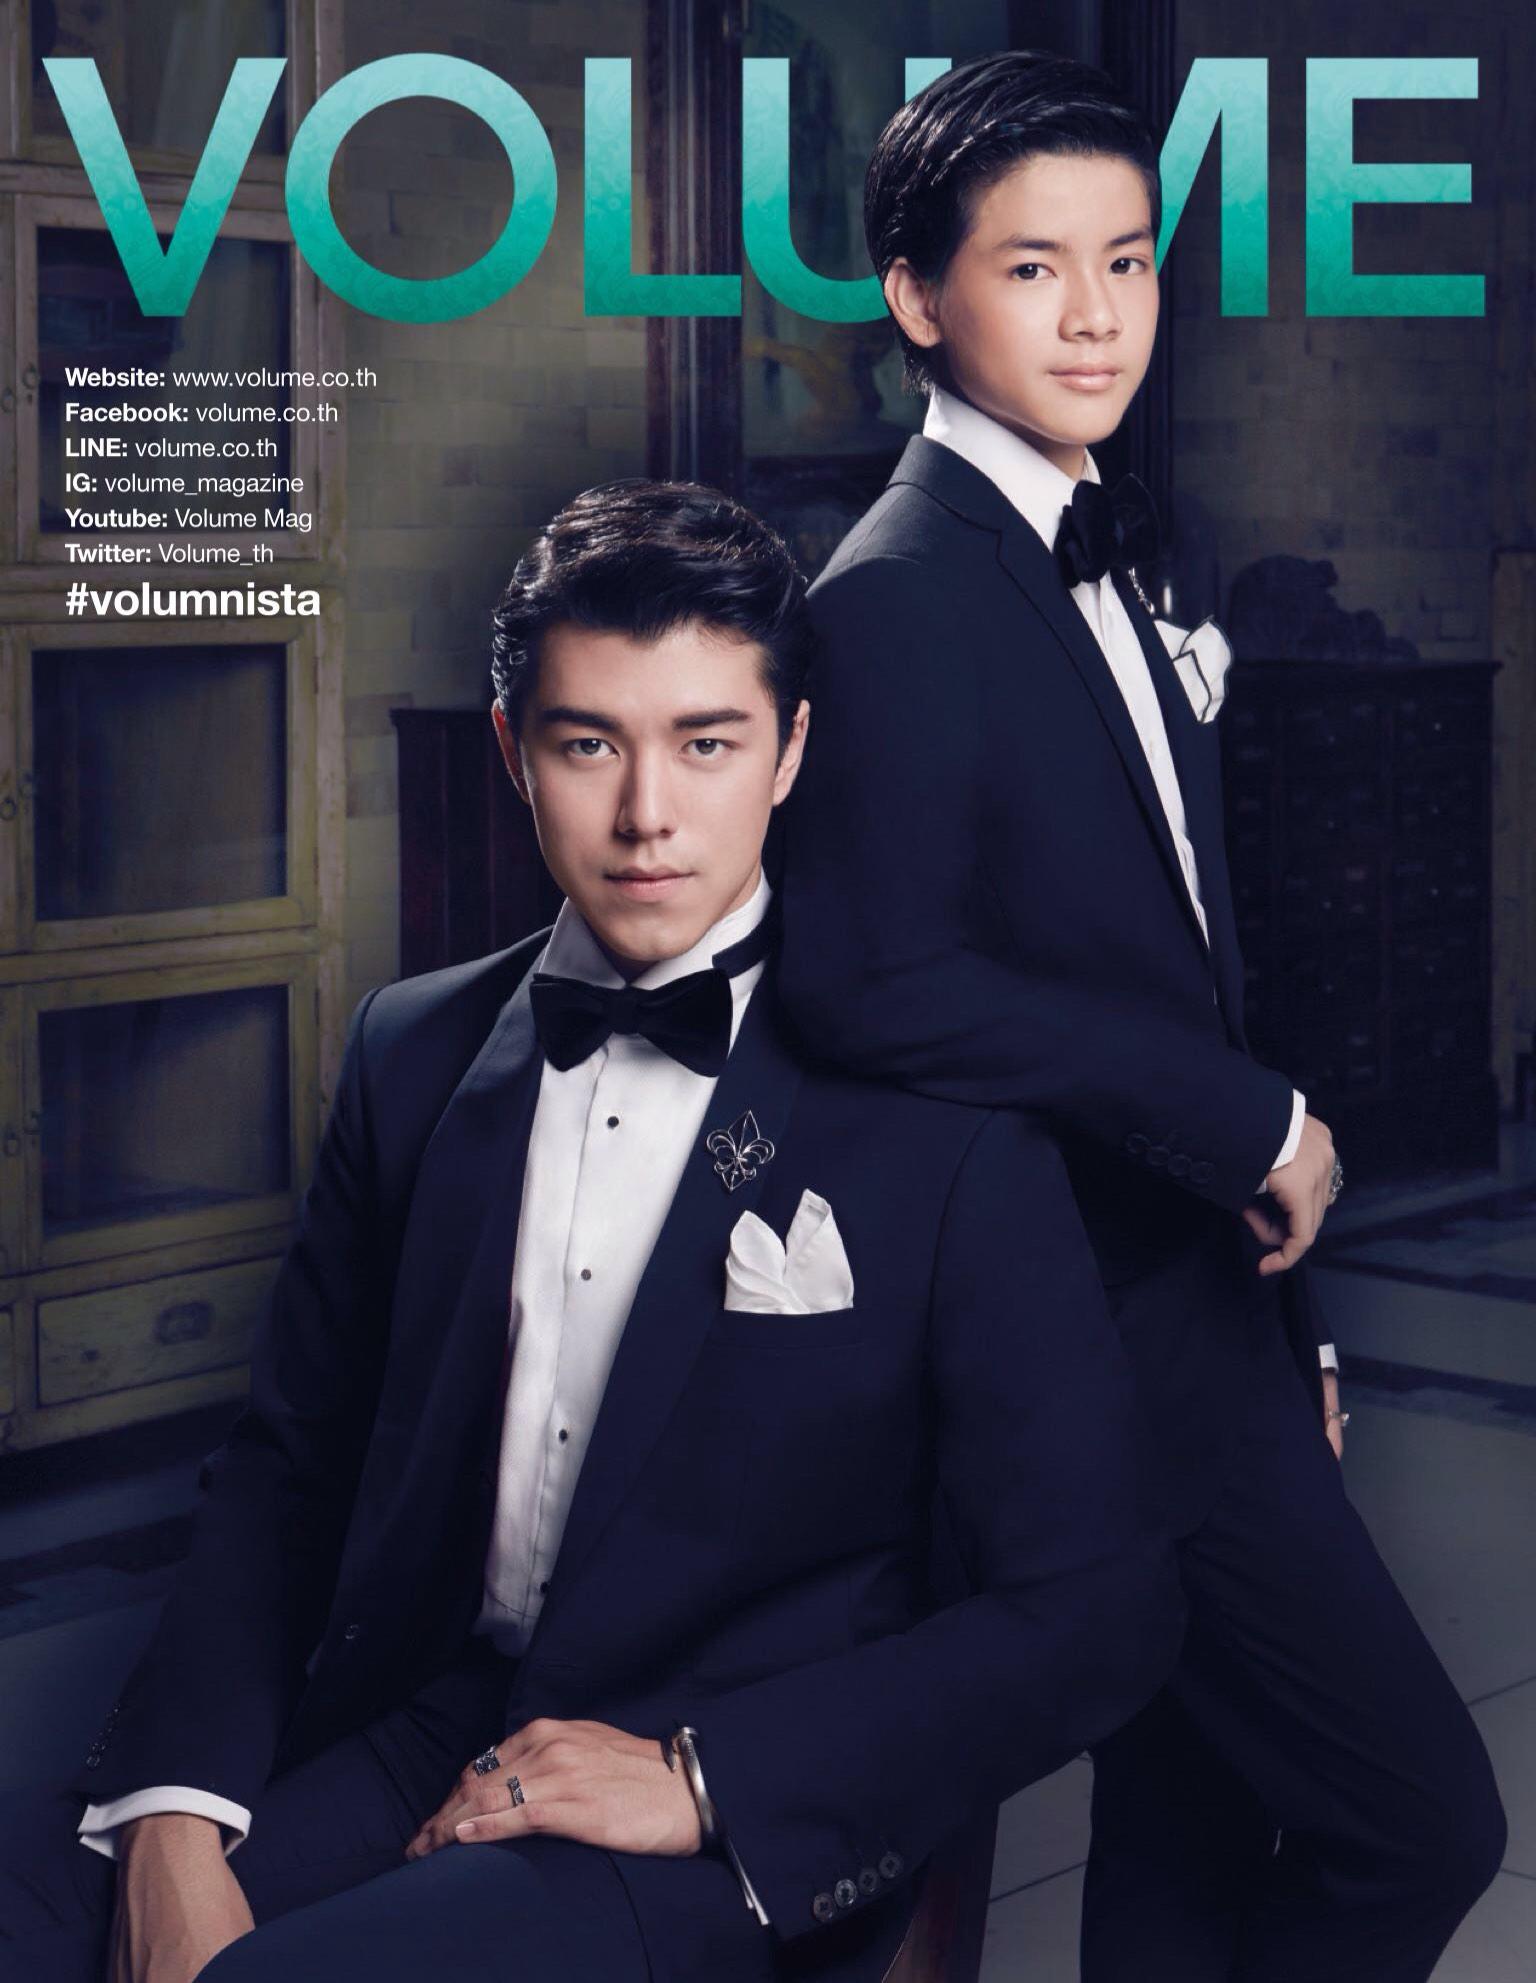 พบกับ Elite & Luck Cufflinks ได้ในนิตยสาร Volume ฉบับเดือนพฤศจิกายน 2015.